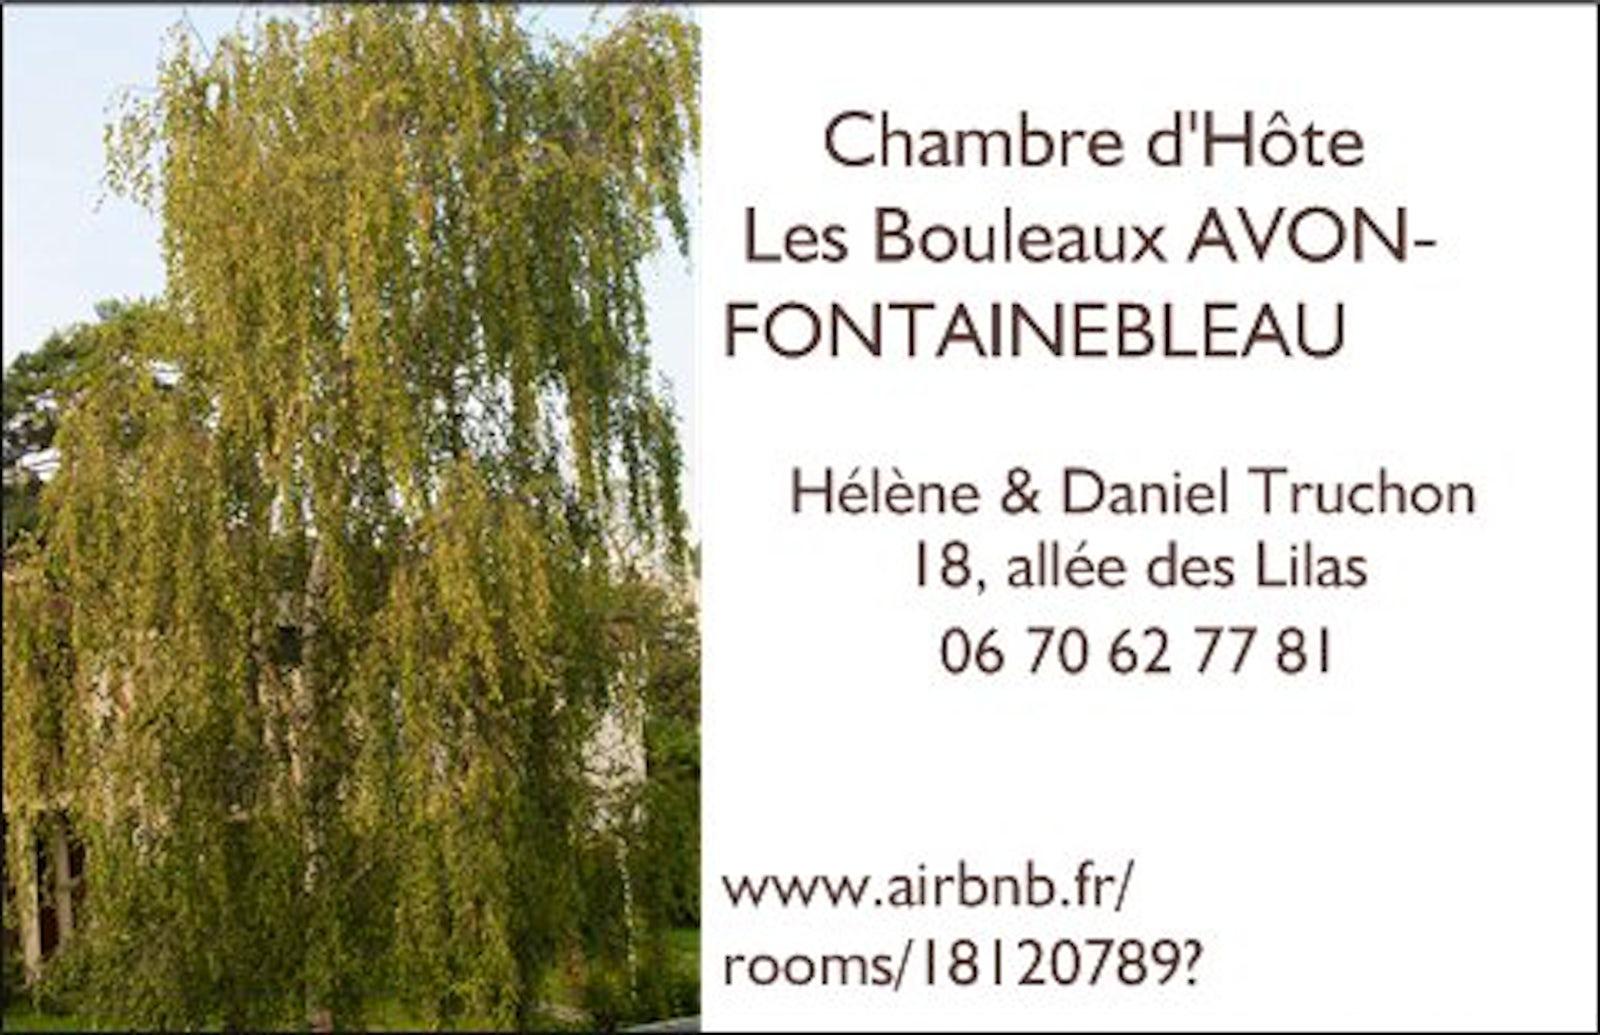 Chambre d 39 h te les bouleaux avon fontainebleau itinari - Chambre d hote a fontainebleau ...